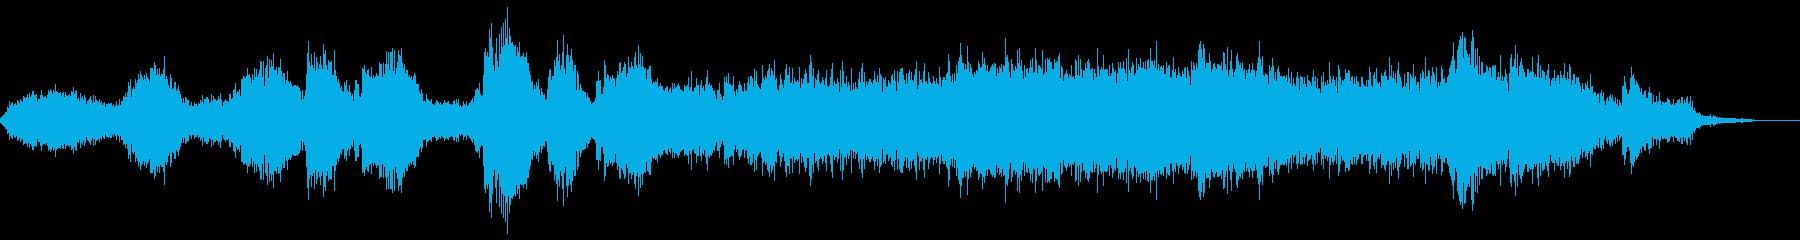 映画寄りの静かに怖いホラーBGMの再生済みの波形